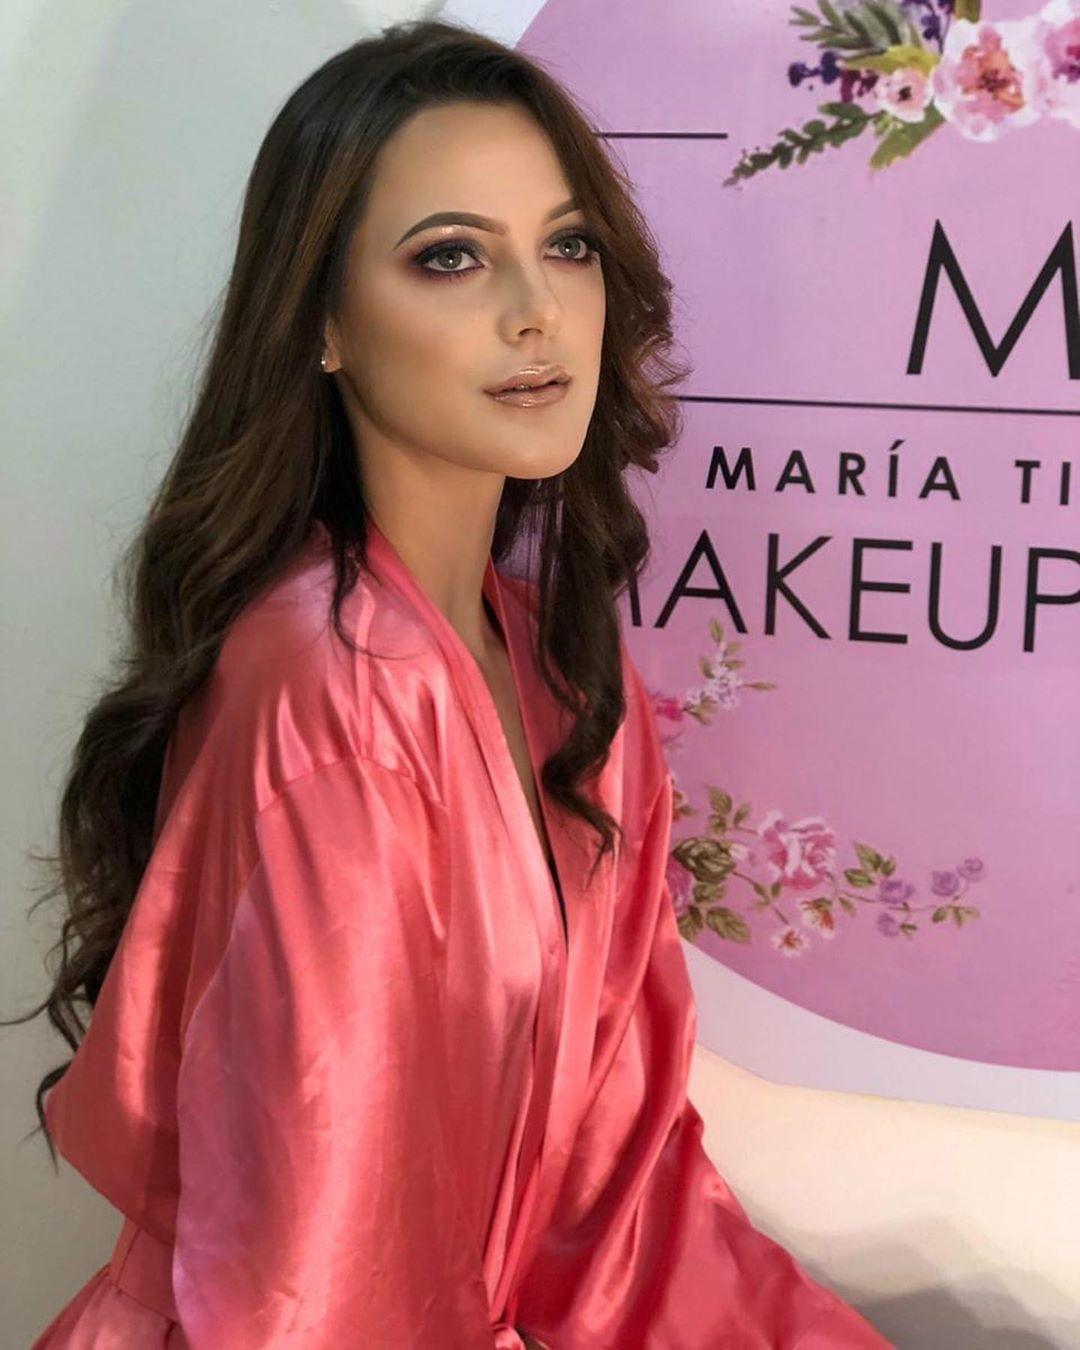 candidatas a miss world 2019. final: 14 dec. sede: london. - Página 3 I15pqL